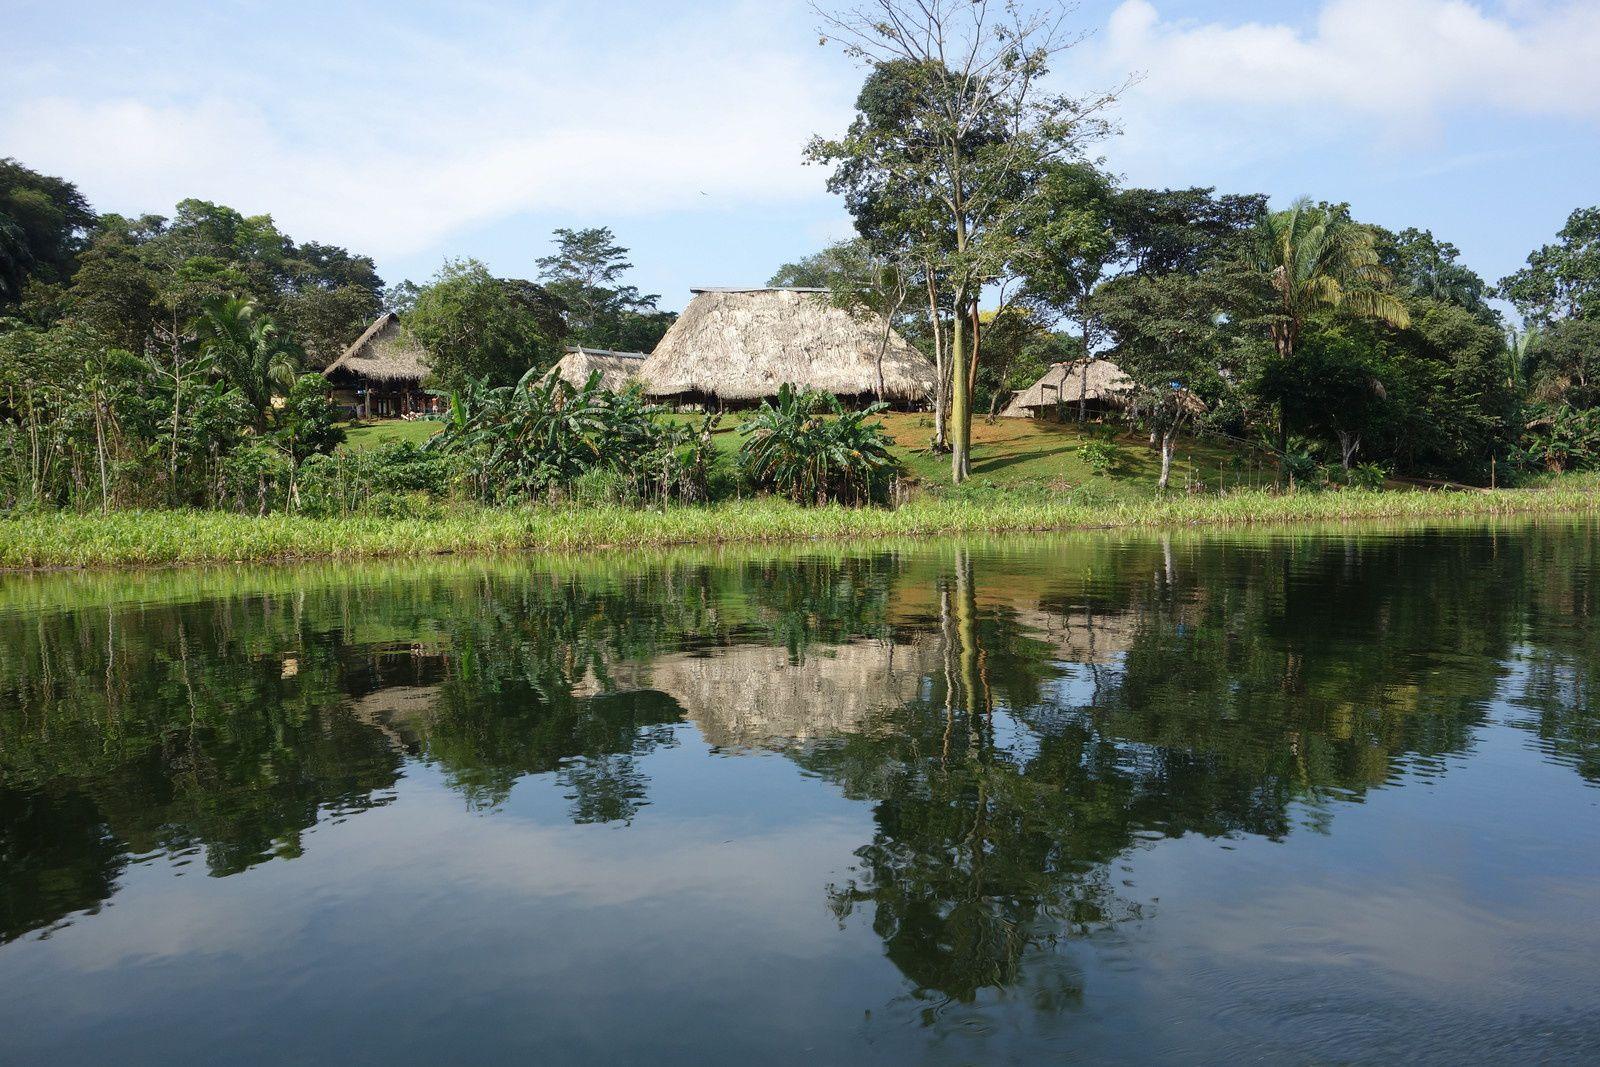 PANAMA (Embera, Panama City, Casco Viejo, canal du Panama, Iles San blas, Anton El Vale)